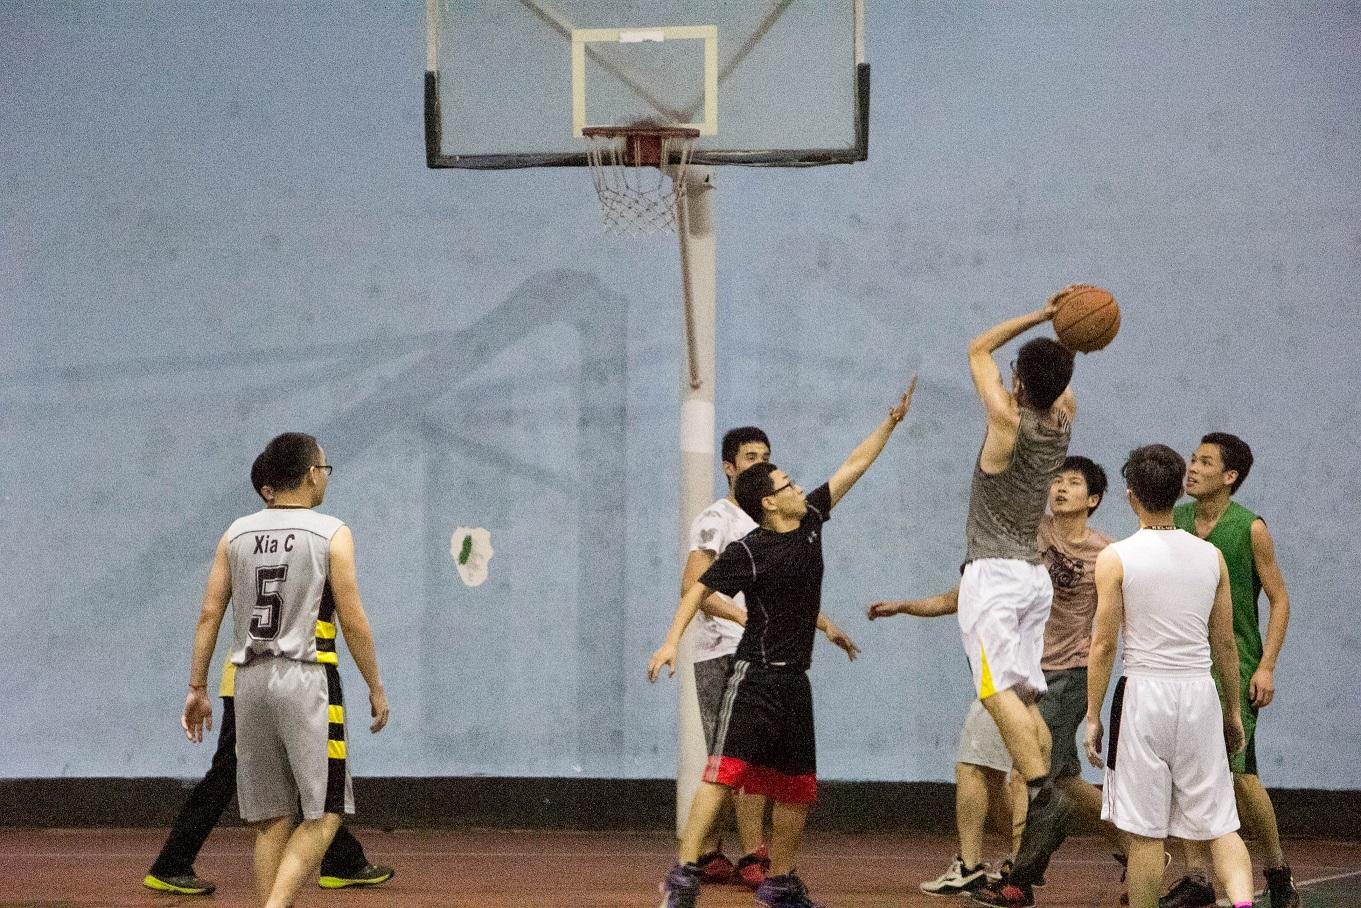 材料所毕业生篮球友谊赛圆满落幕